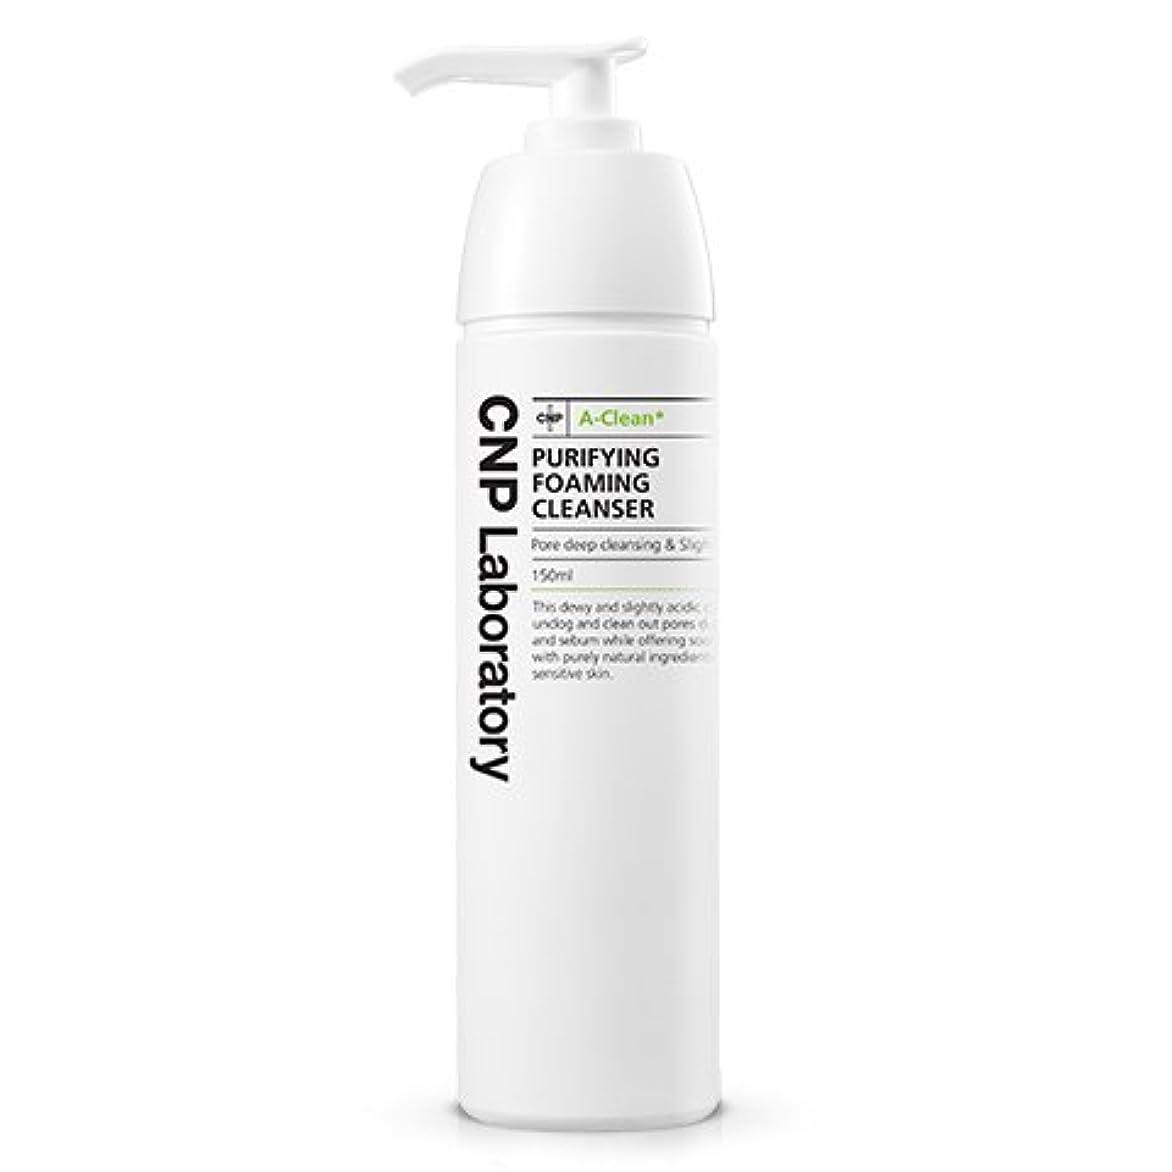 キウイナース経営者CNP Laboratory Aクリーンピーリングフォーミングクレンザー/A-Clean Purifying Foaming Cleanser 150ml [並行輸入品]